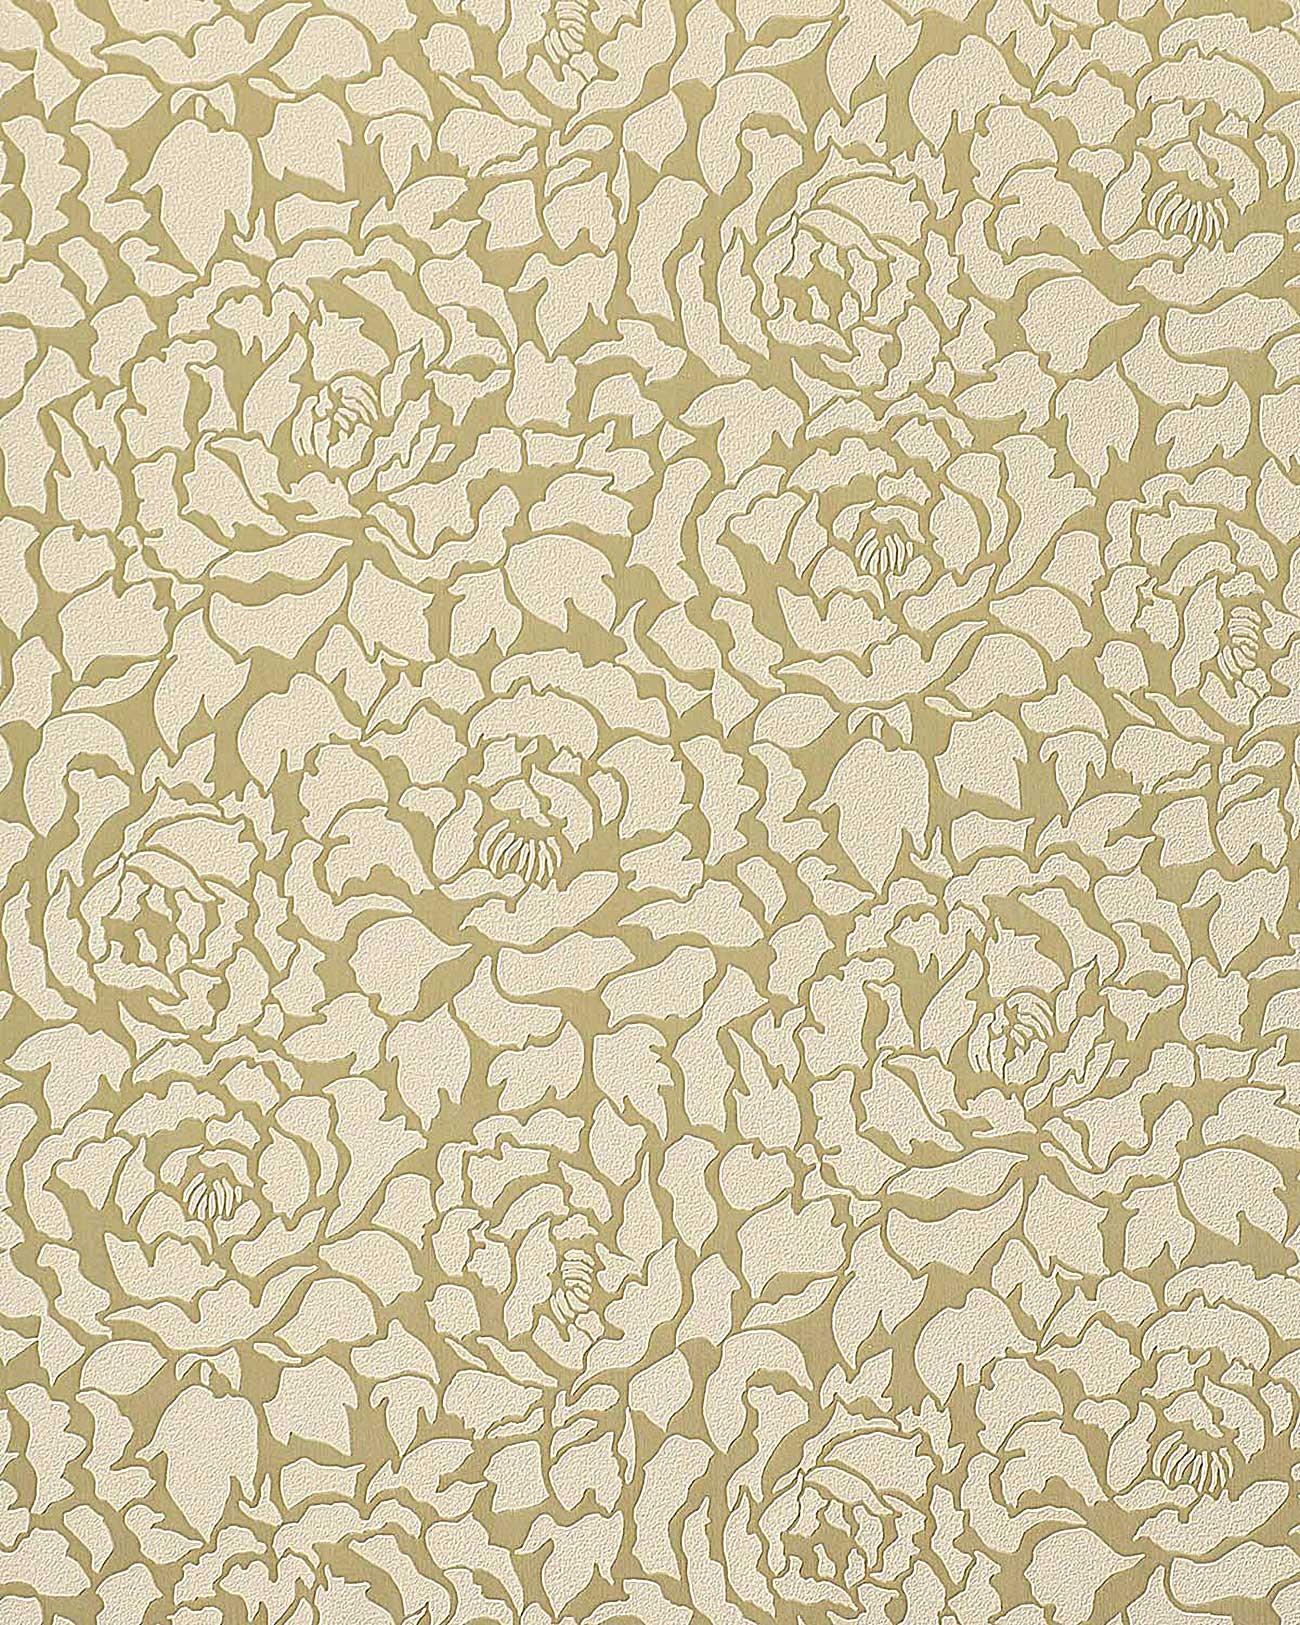 Papier Peint Deluxe Pivoines Fleurs Edem 830 22 Vanille